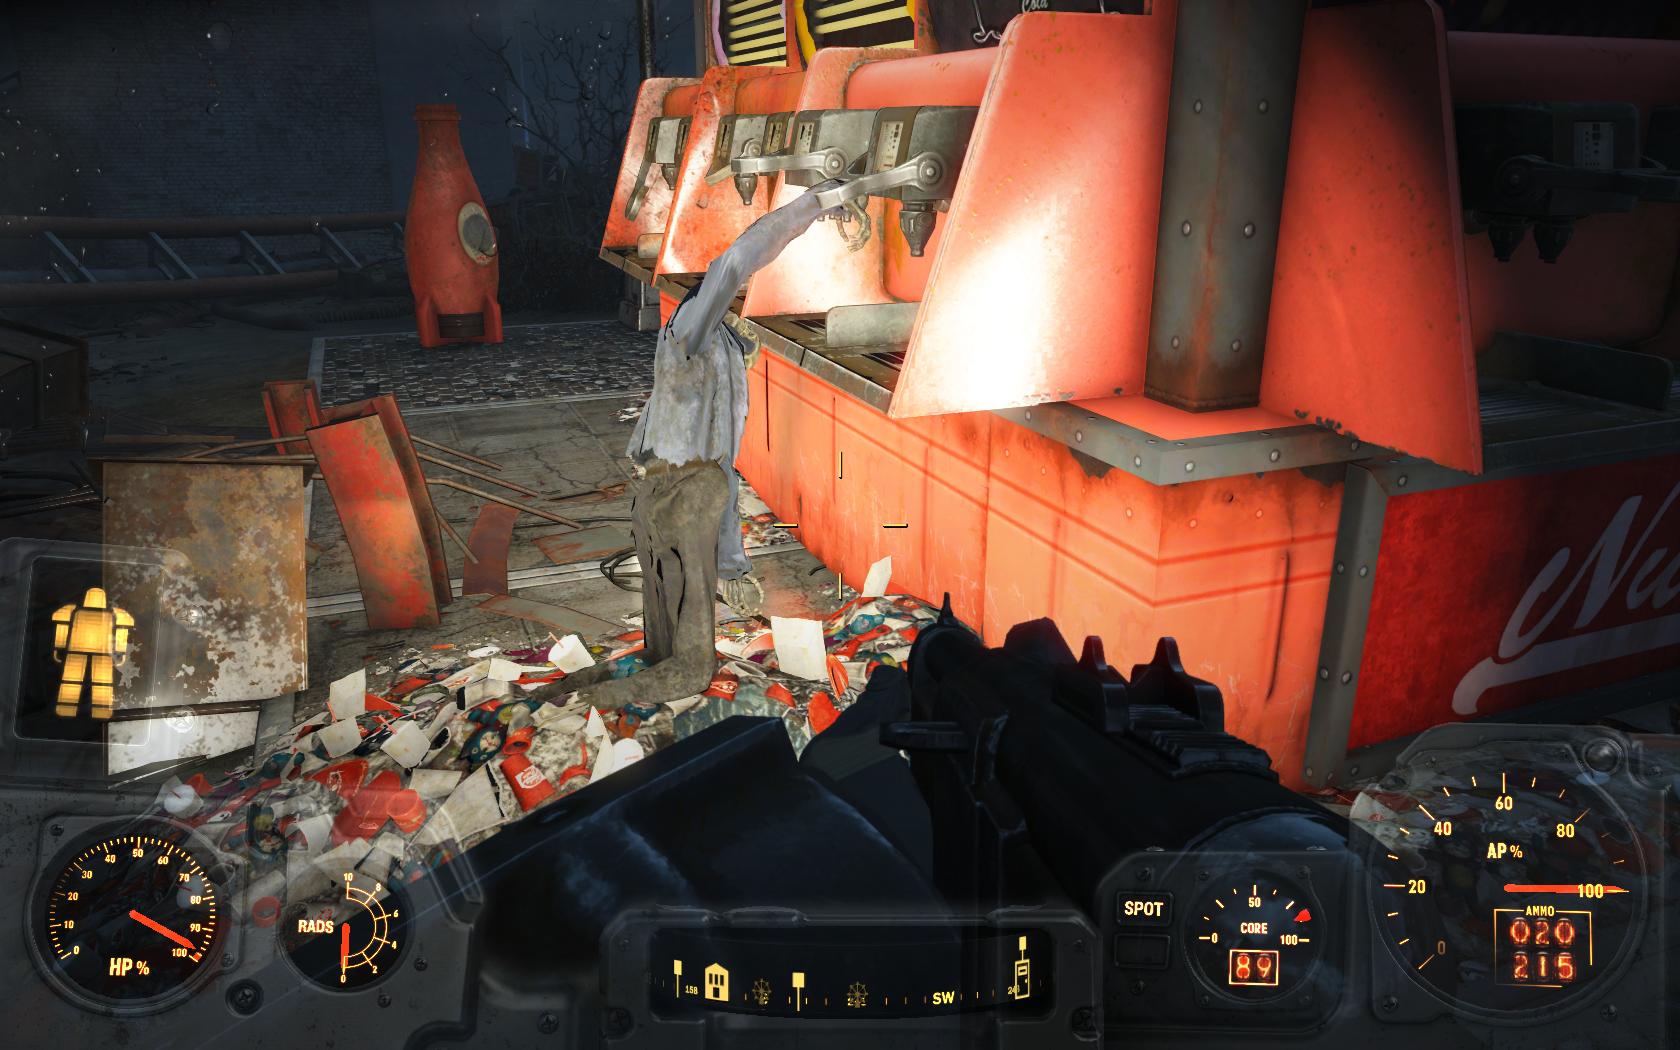 Война застала врасплох (Ядер-Мир, Сухое ущелье) - Fallout 4 Nuka-World, Юмор, Ядер-Мир